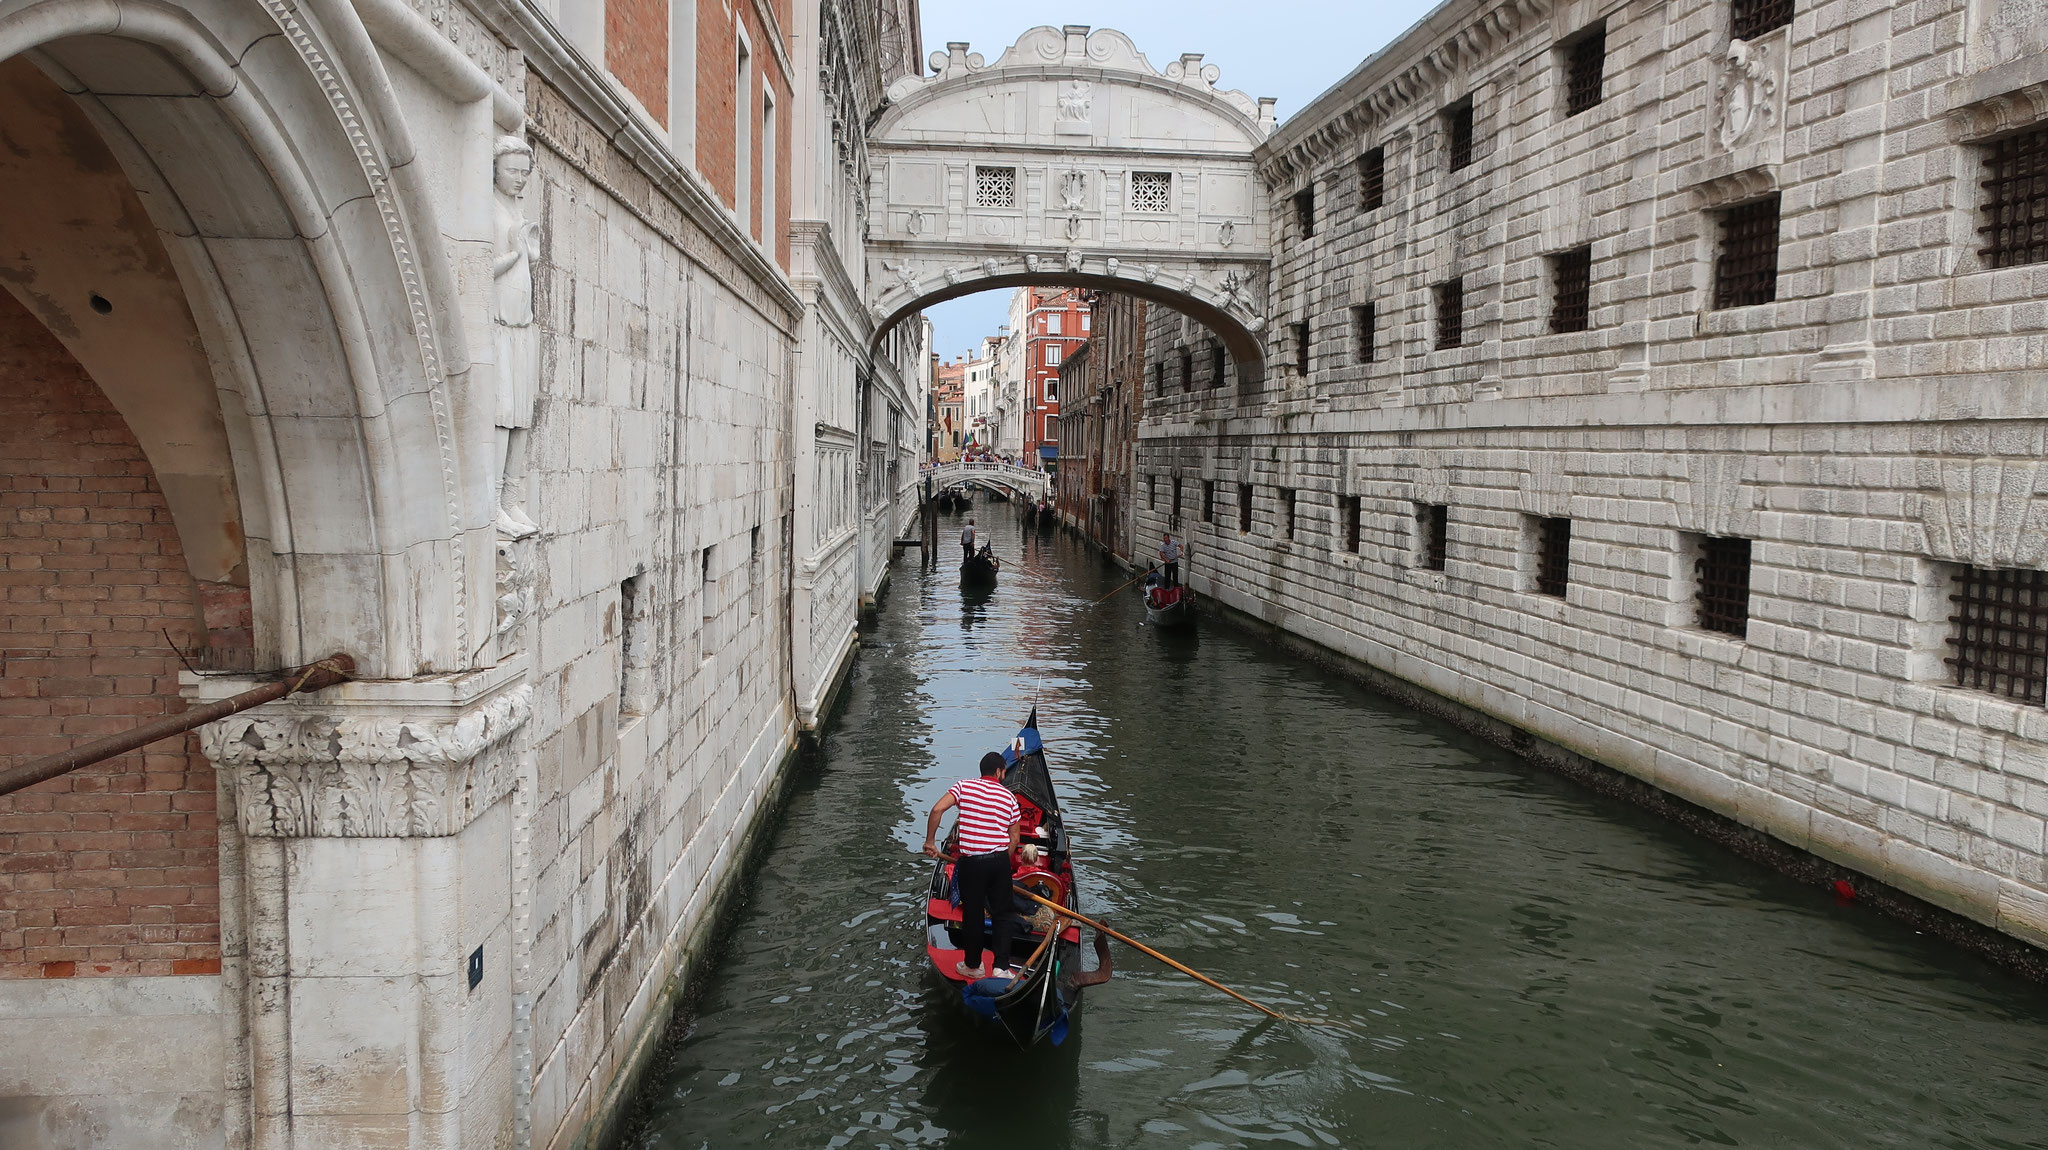 ドゥカーレ宮殿と牢獄をつなぐ「溜息の橋」